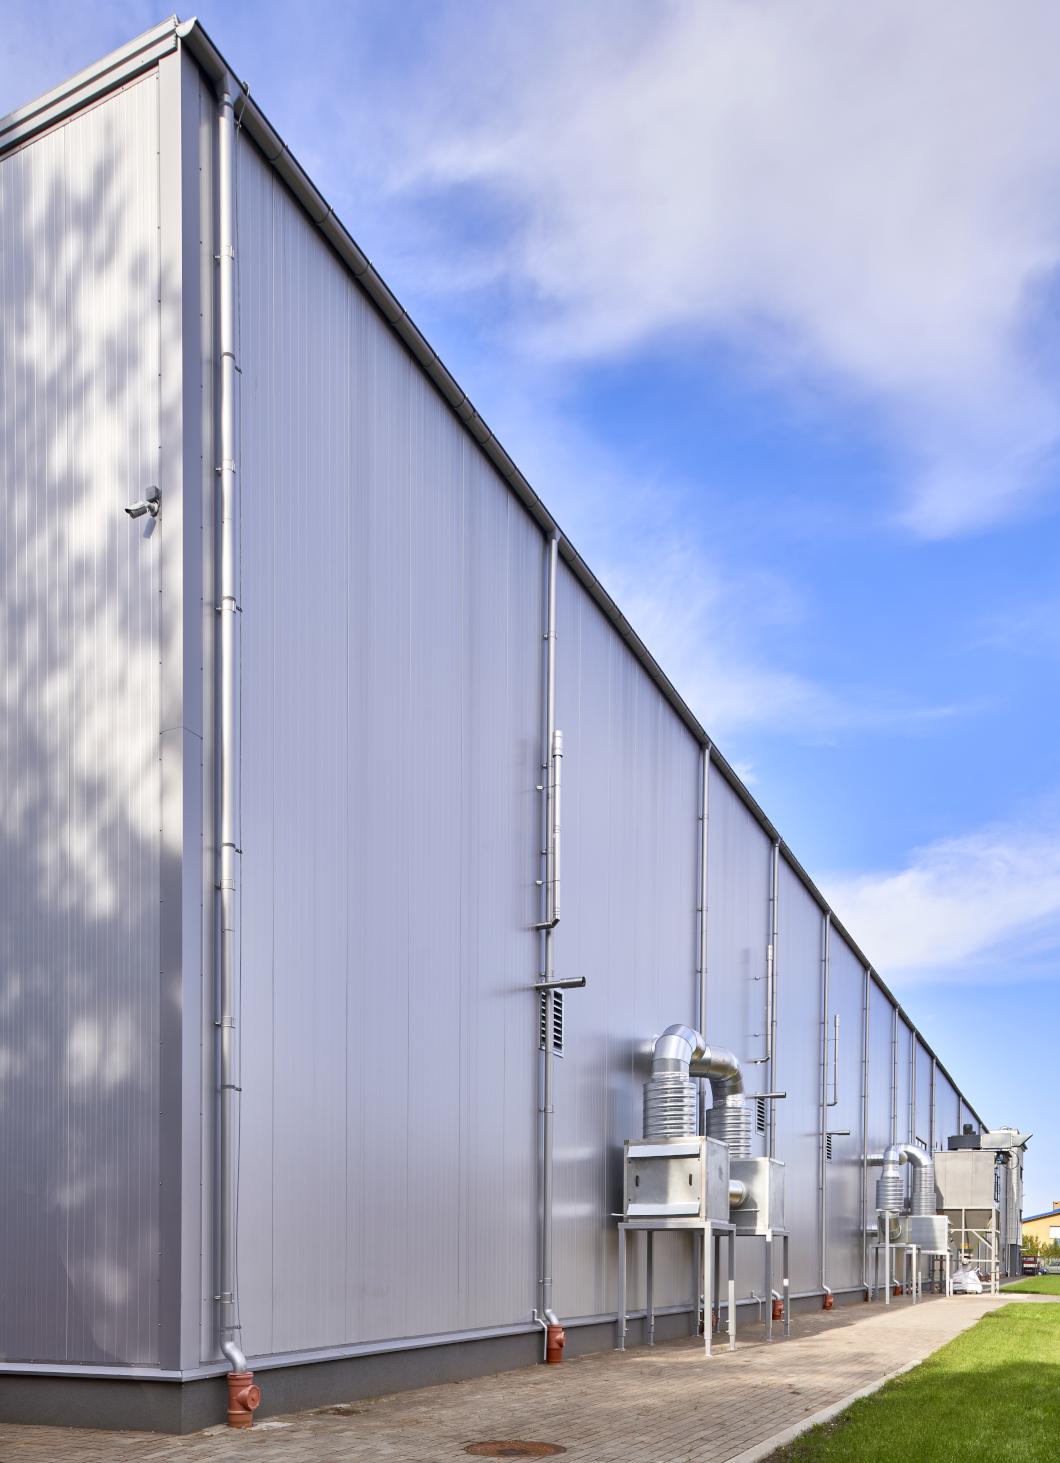 instalacje wentylacyjne na zewnątrz hali - hala produkcyjno-magazynowa, dla CSA, budowa w formule zaprojektuj i zbuduj, przez CoBouw Polska, w Steżycy, woj. pomorskie